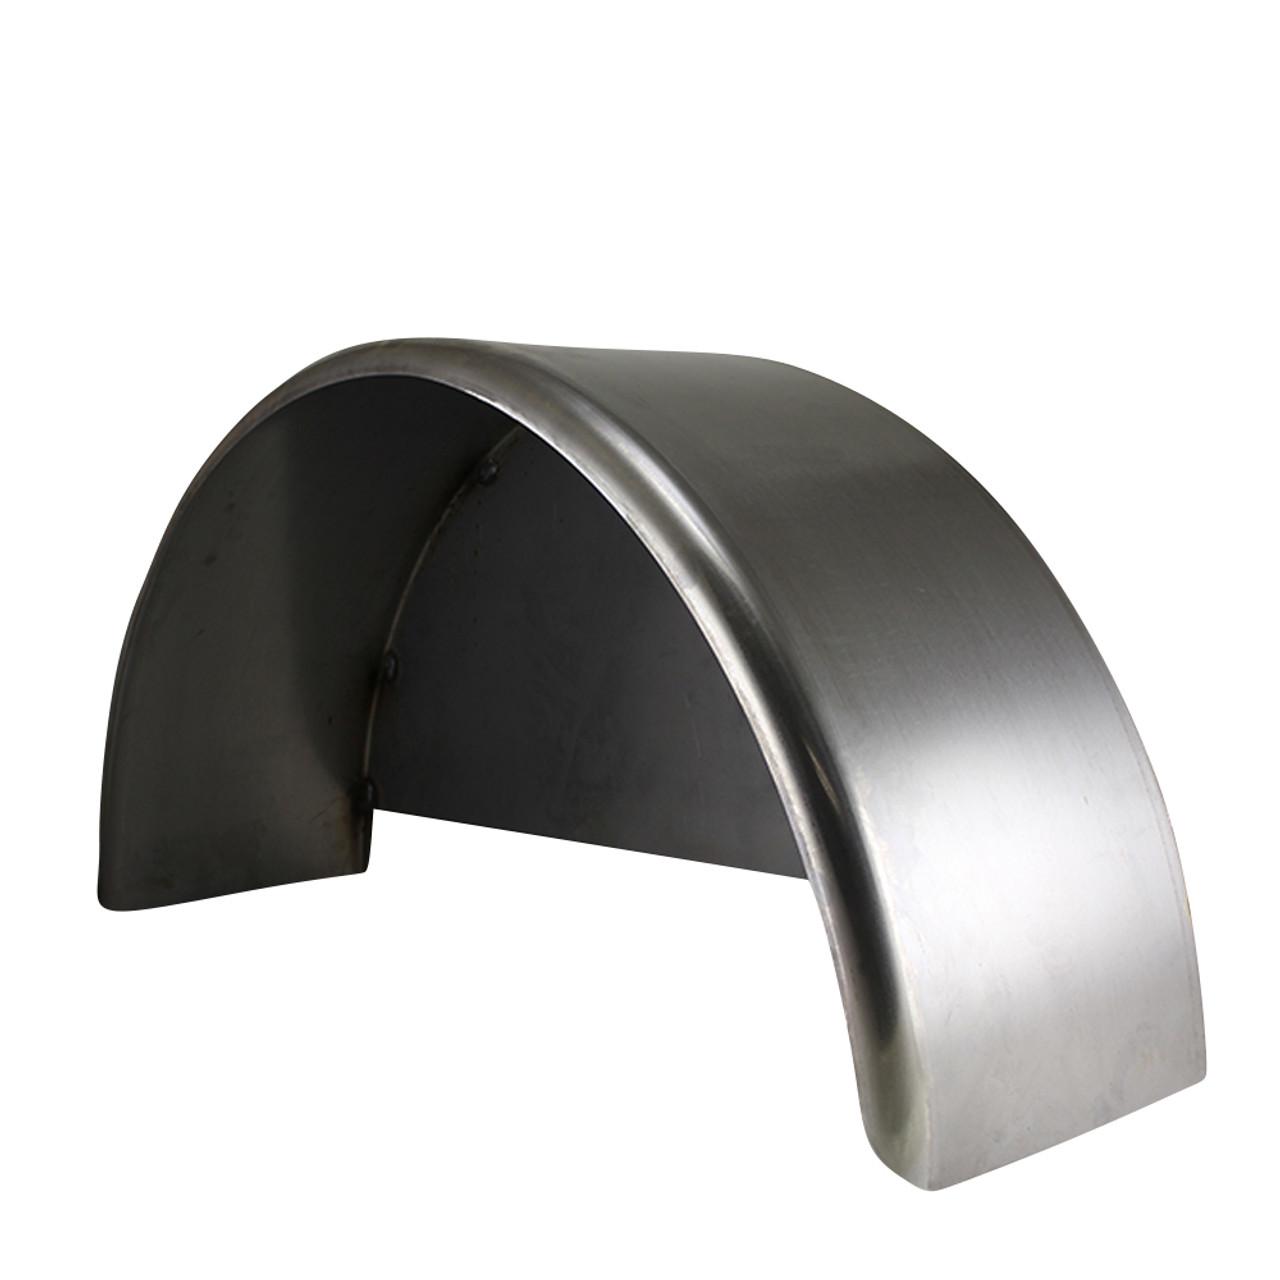 36x10 3/4 Single Axle Steel Trailer Fender w/ Back Plate Welded In - One Fender